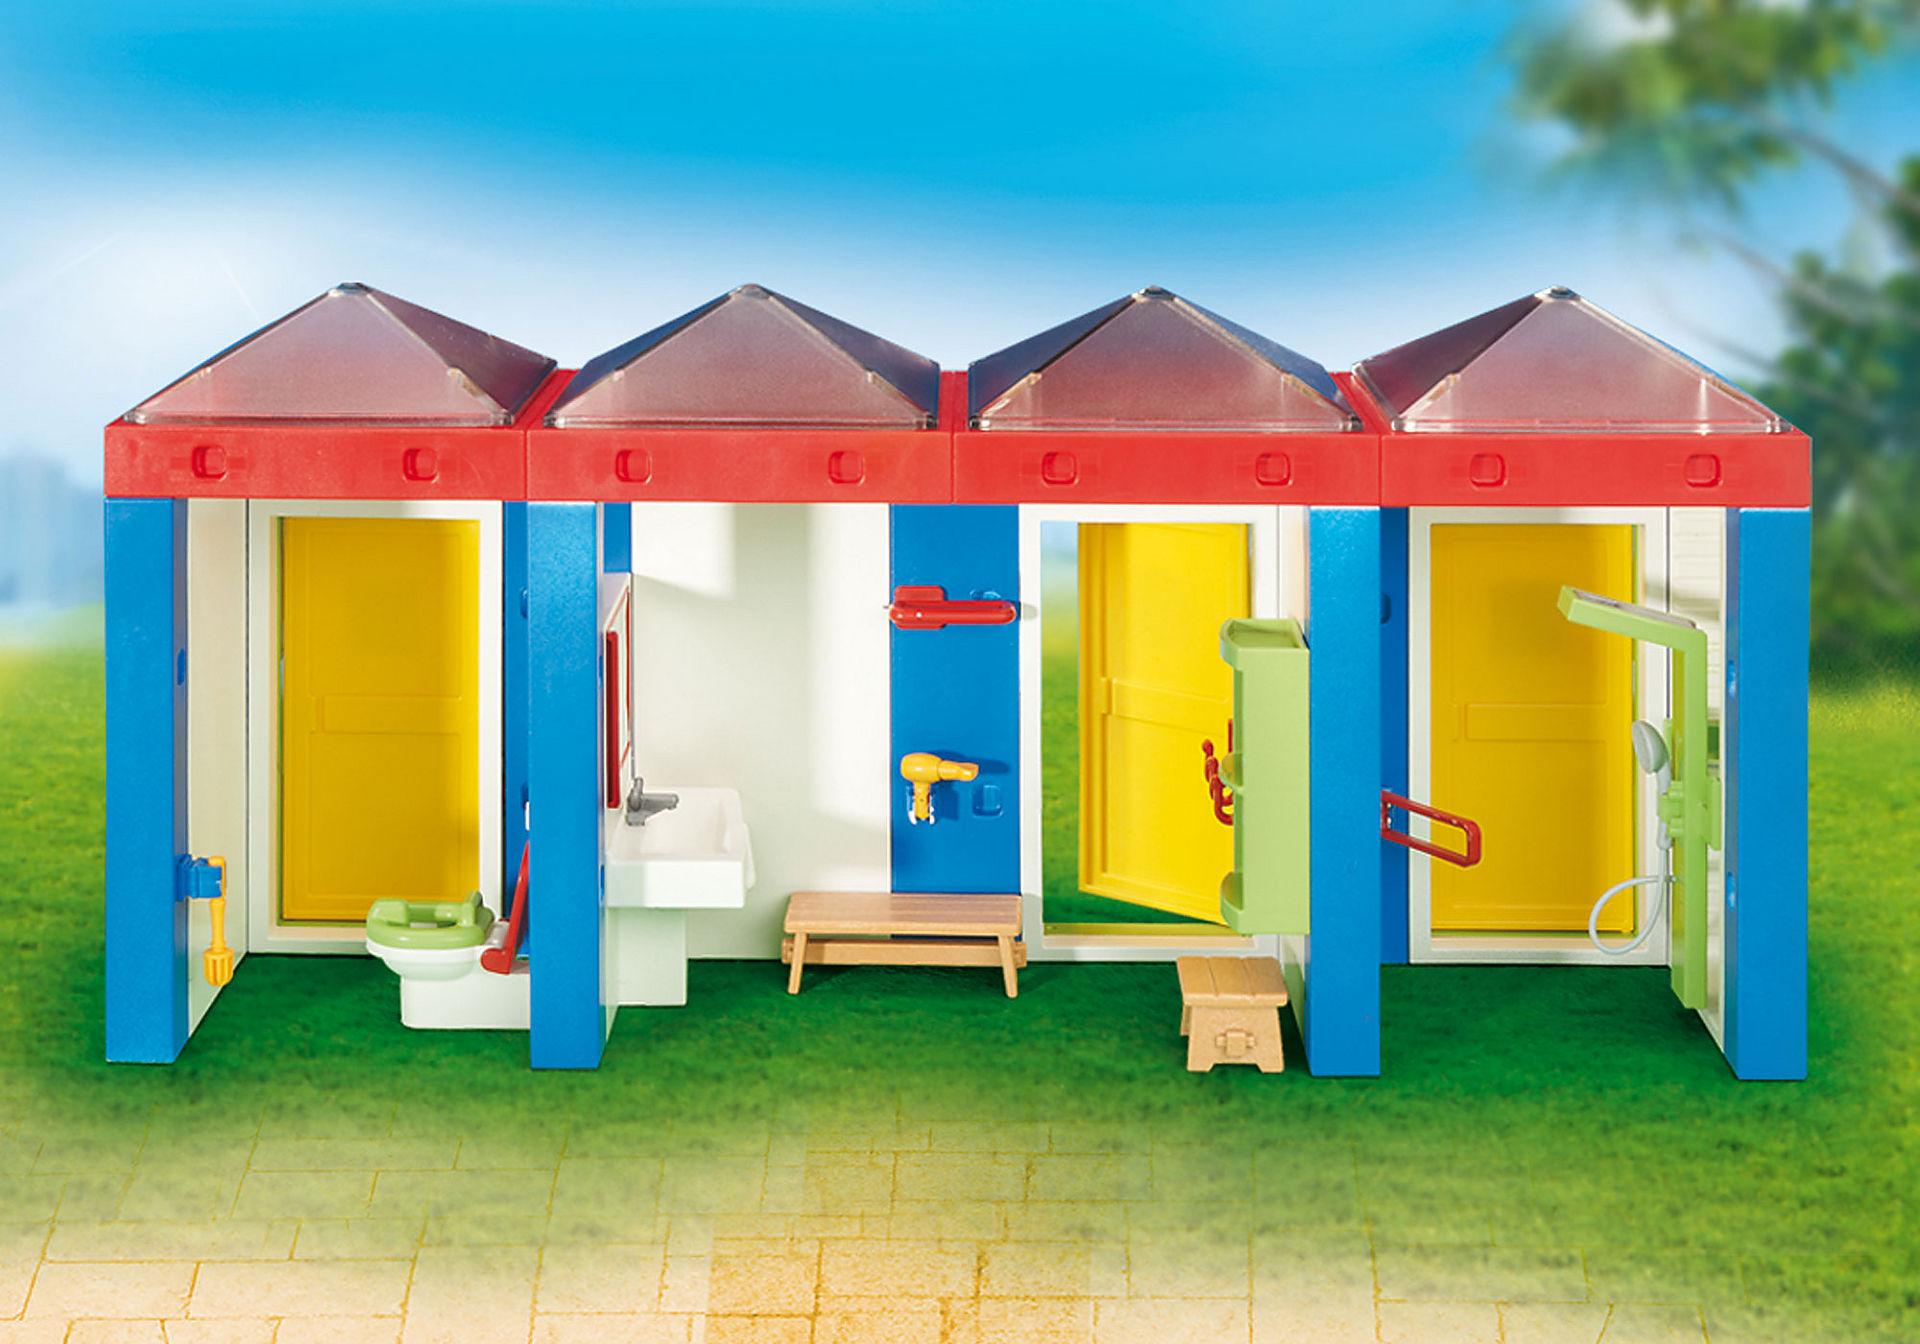 6450 Sanitärgebäude Aquapark zoom image1